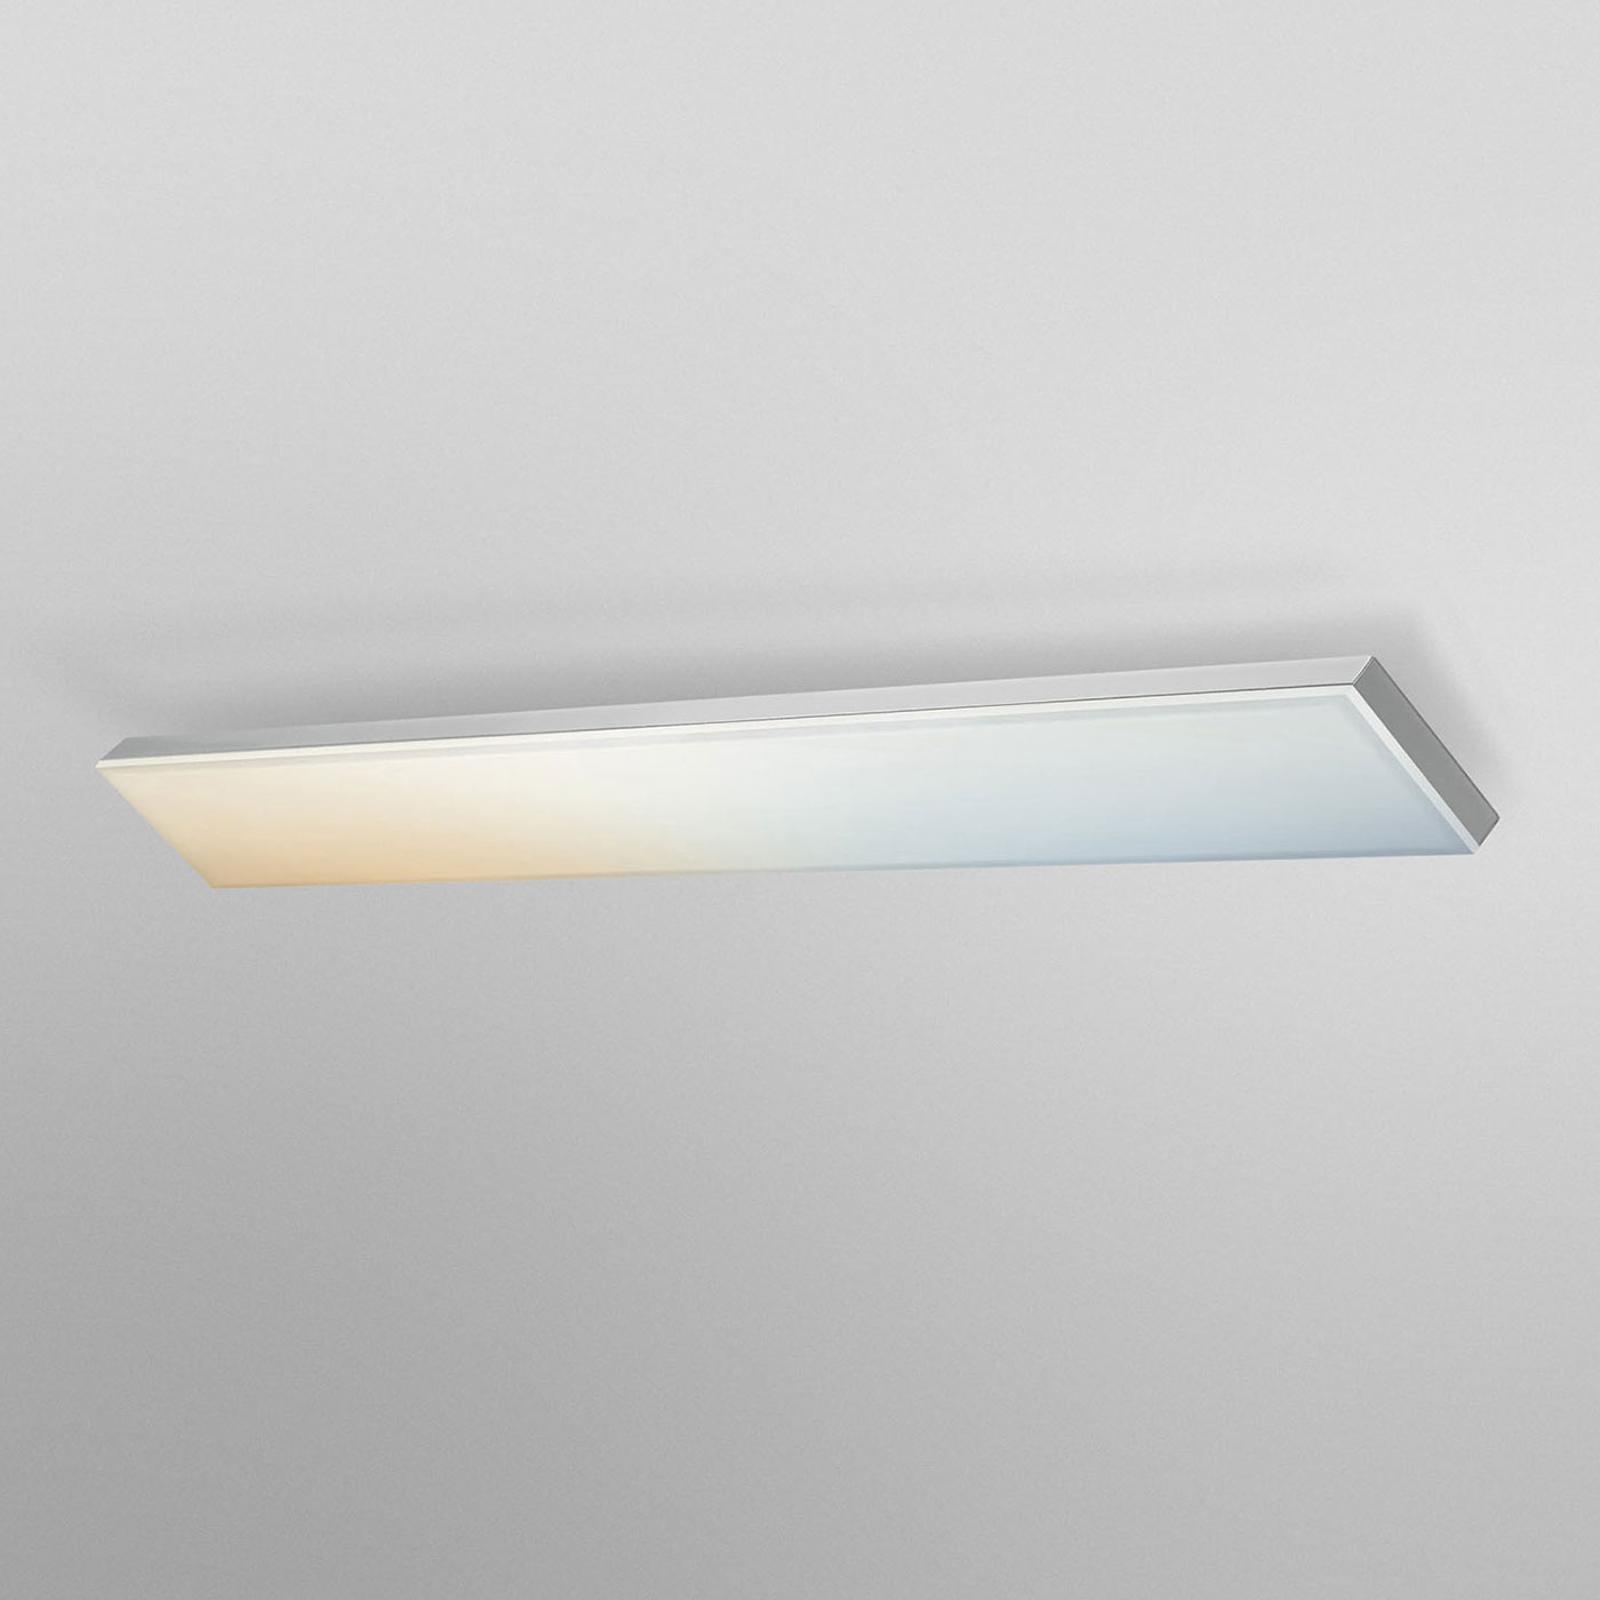 LEDVANCE SMART+ WiFi Planon LED-Panel CCT 80x10cm